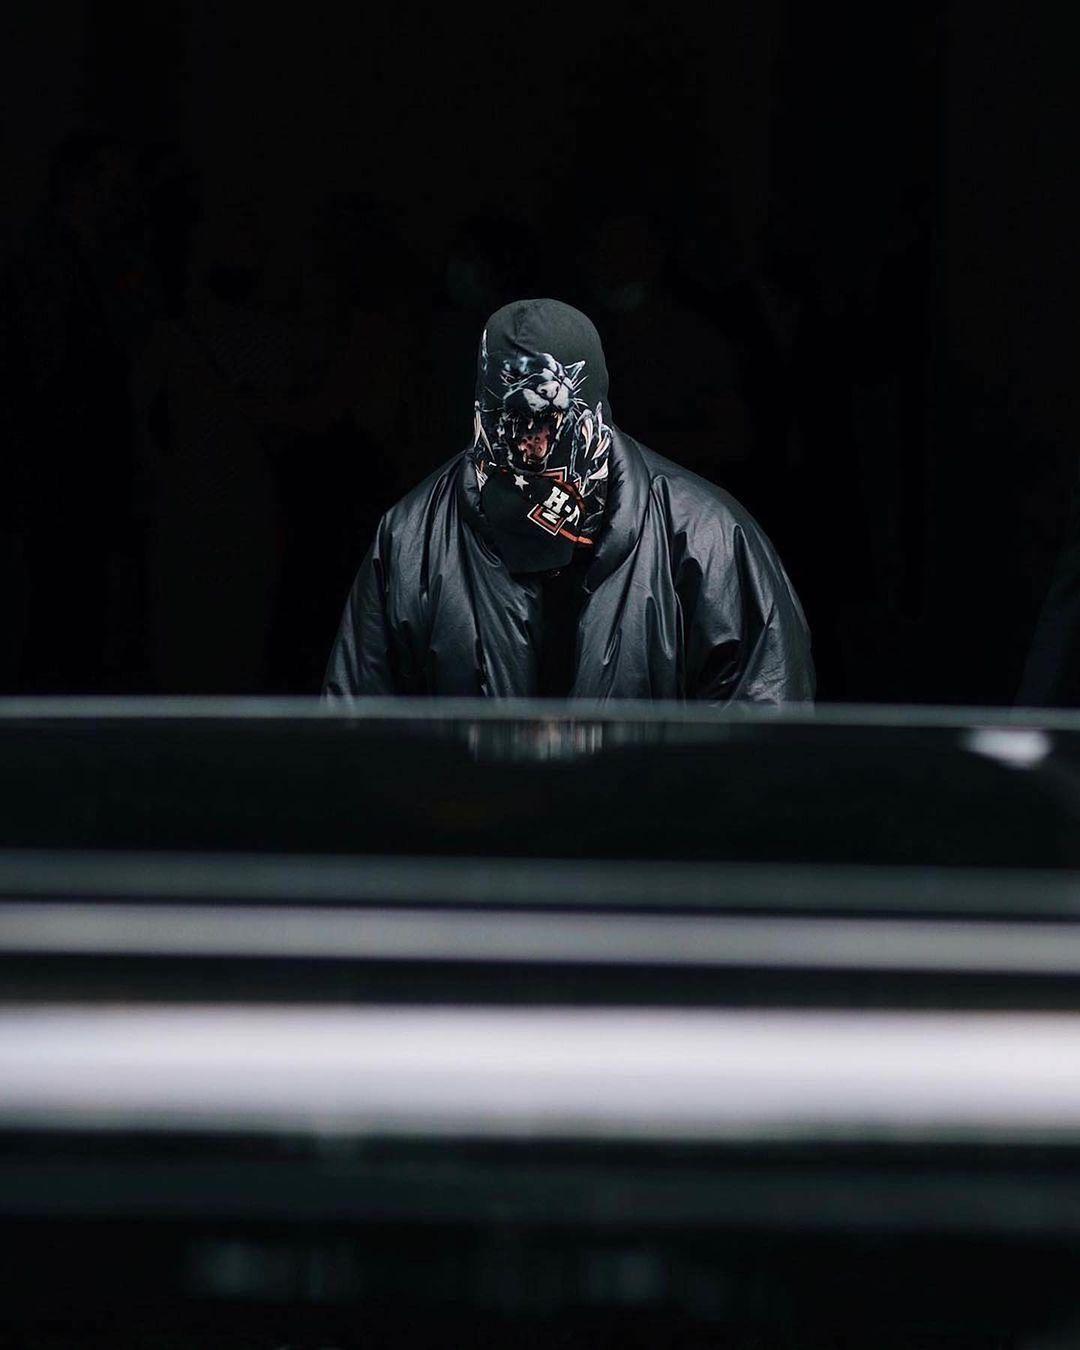 Kanye West passamontagna - neomag.